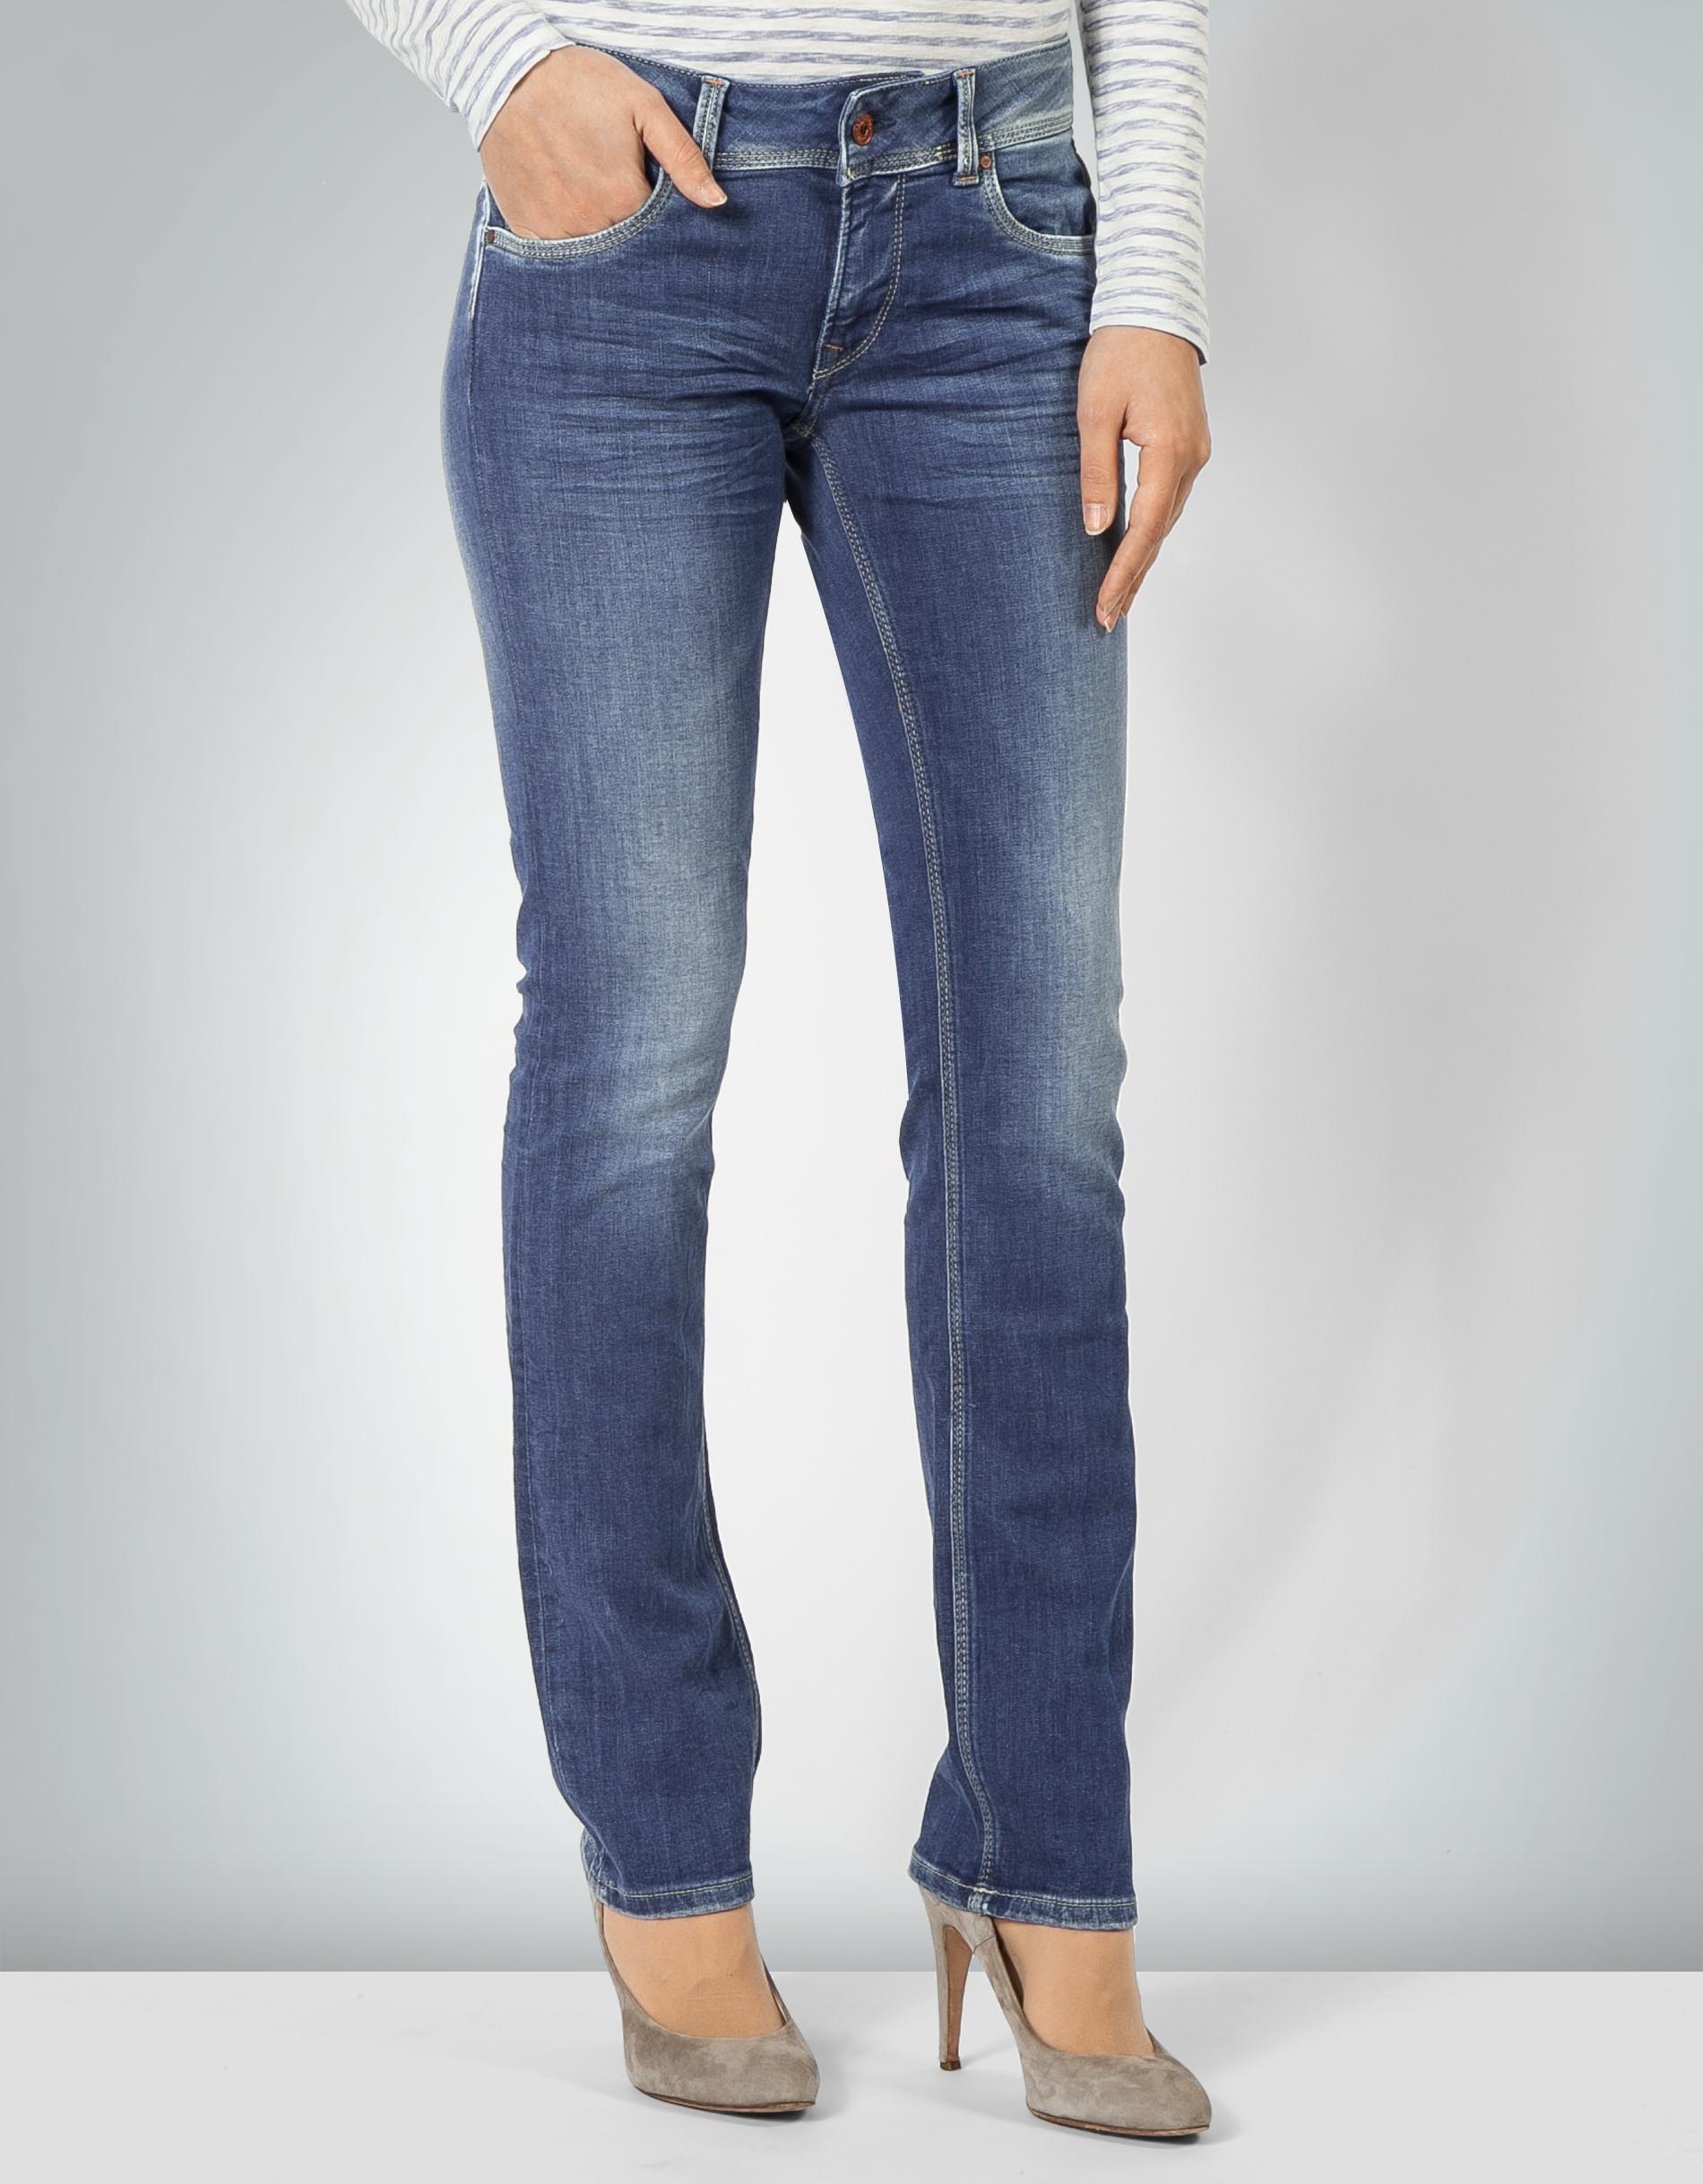 20cdd1f7022e Pepe Jeans Damen Saturn denim Jeans im Straight Fit empfohlen von Deinen  Schwestern